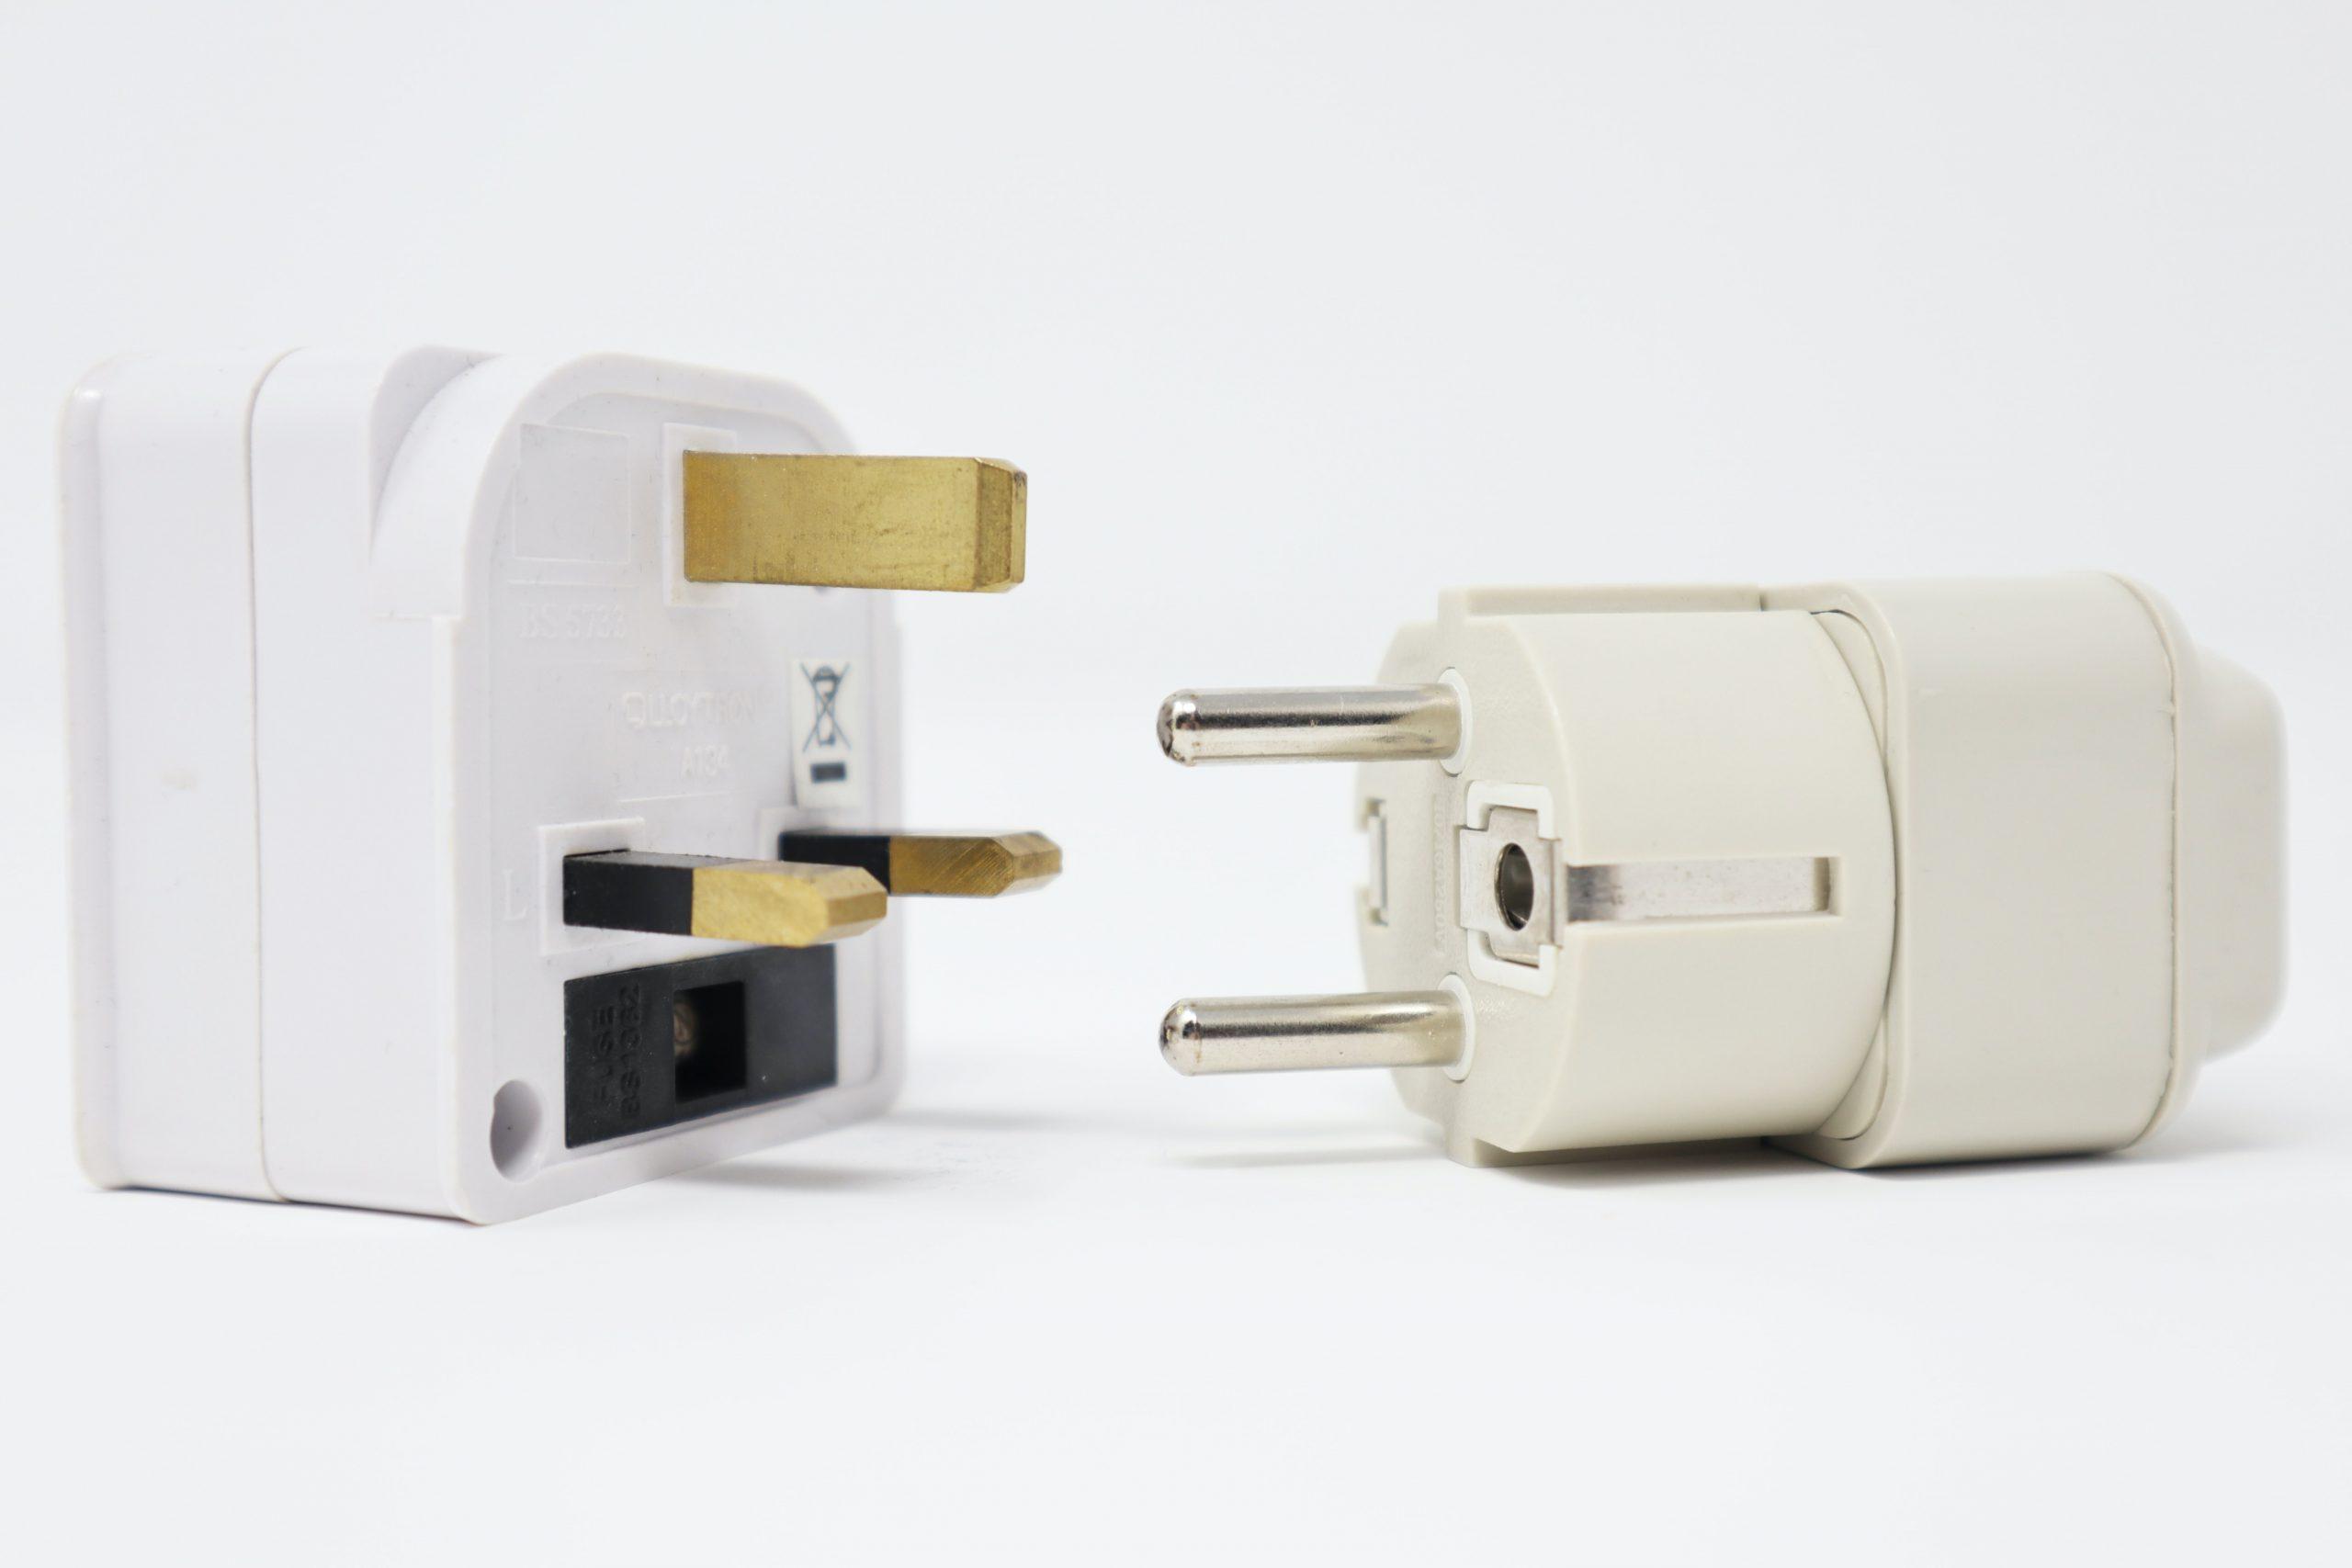 Na foto dois adaptadores de tomada com conectores de diferentes padrões.